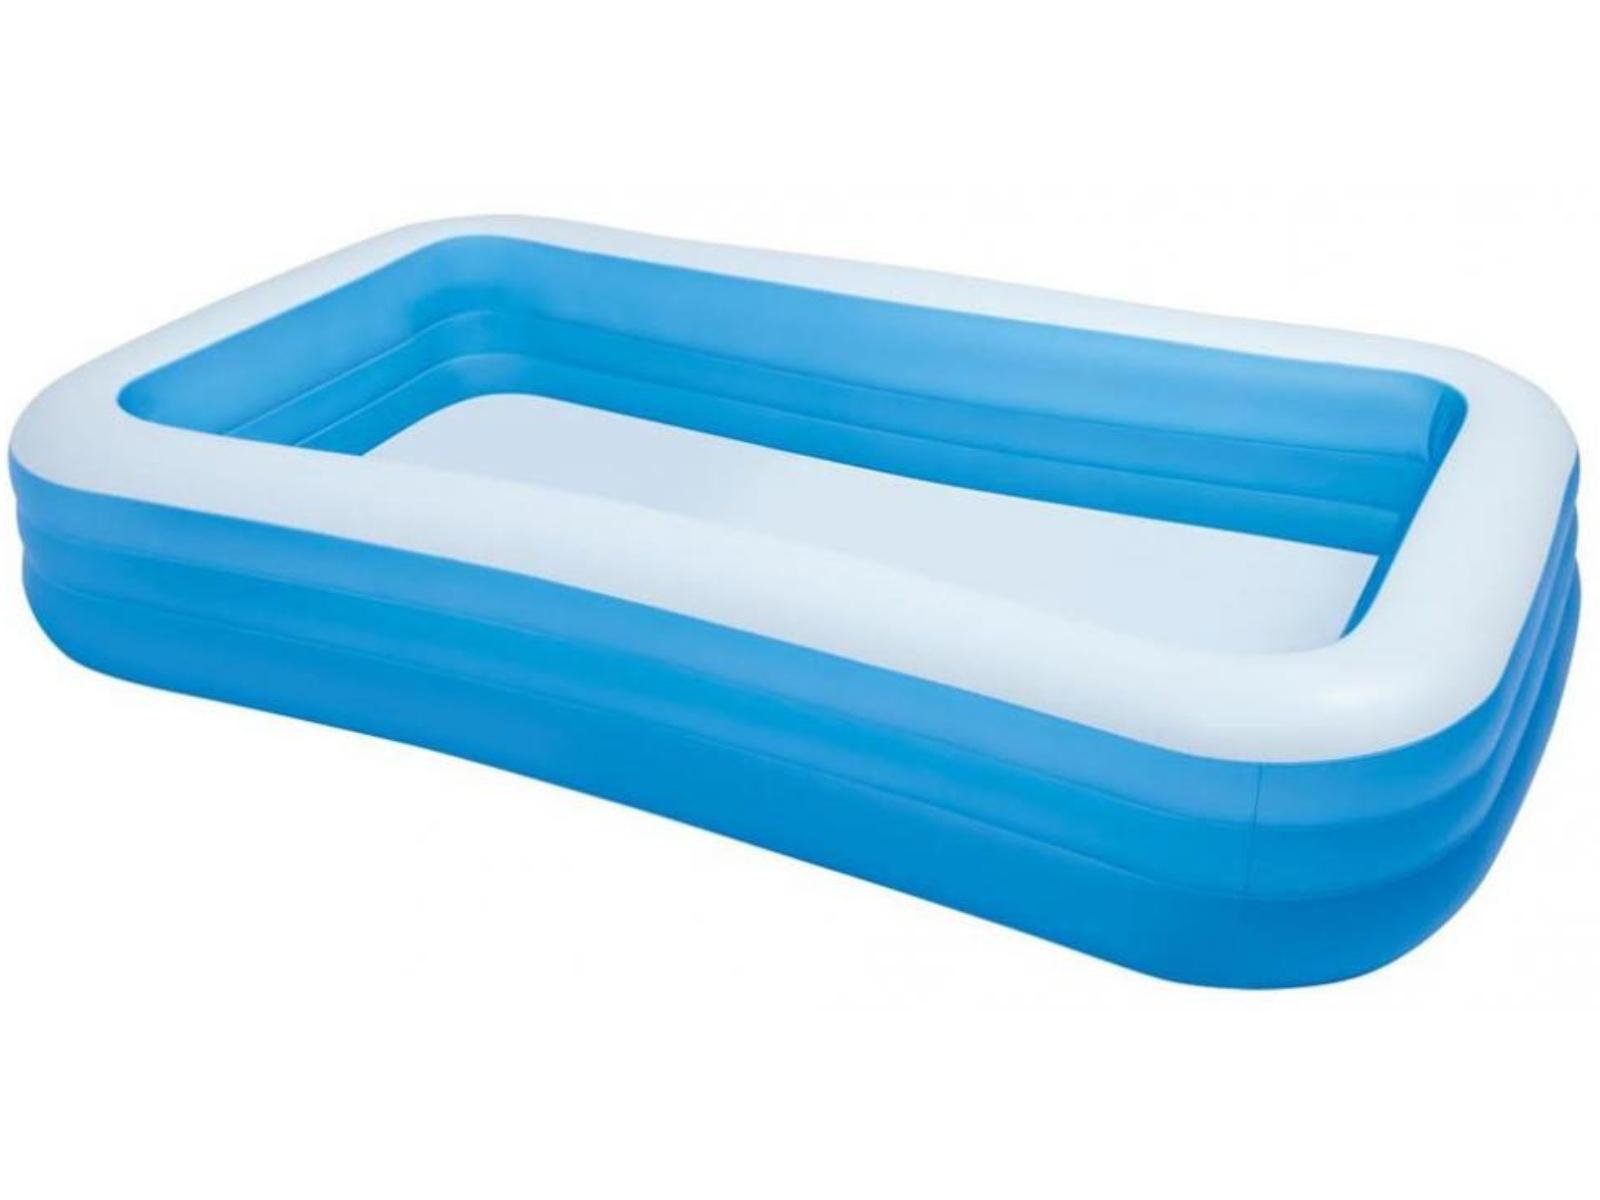 Nafukovací bazén INTEX Family obdélník 305 x 183 x 56 cm